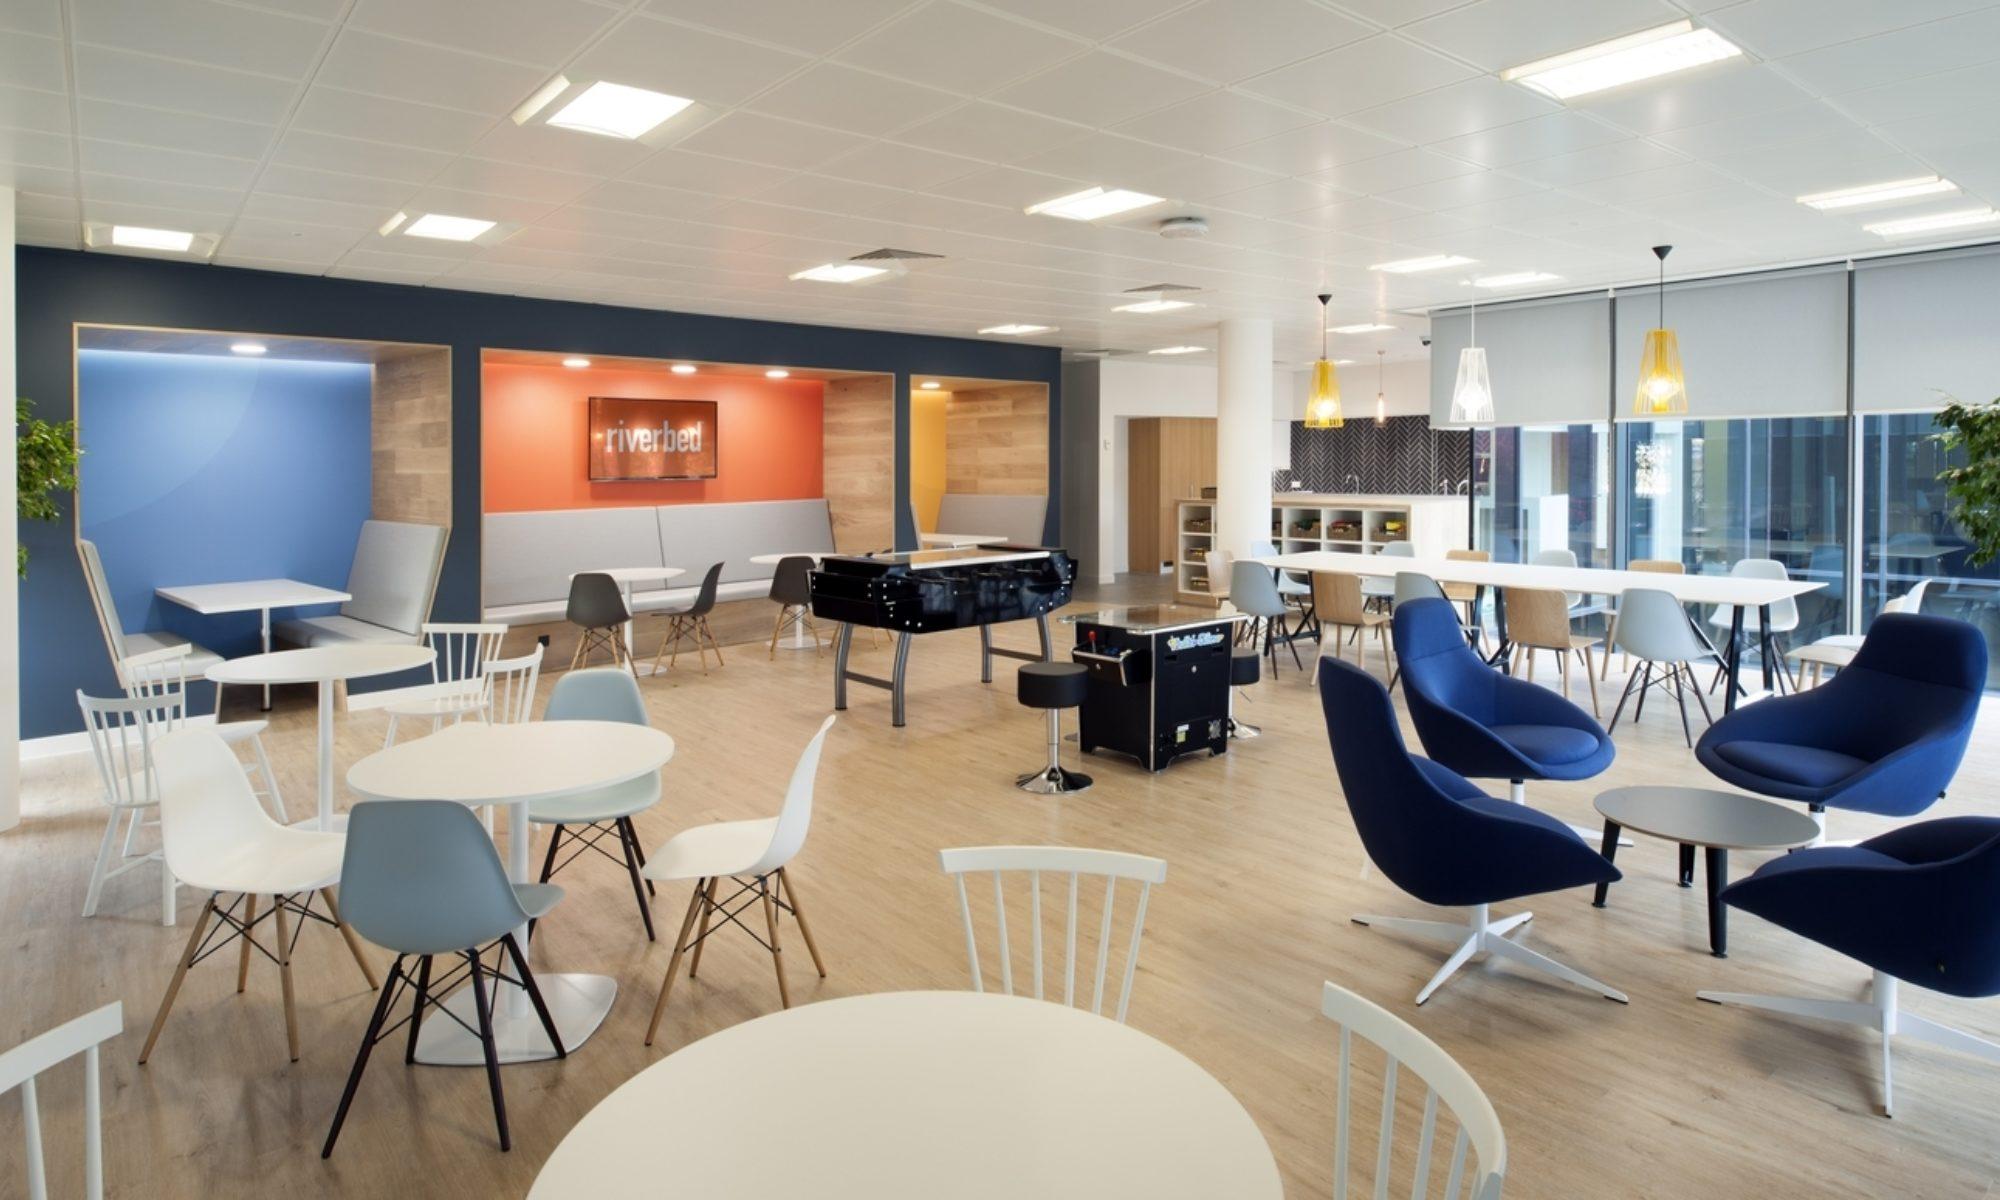 Riverbed office refurbishment ideas